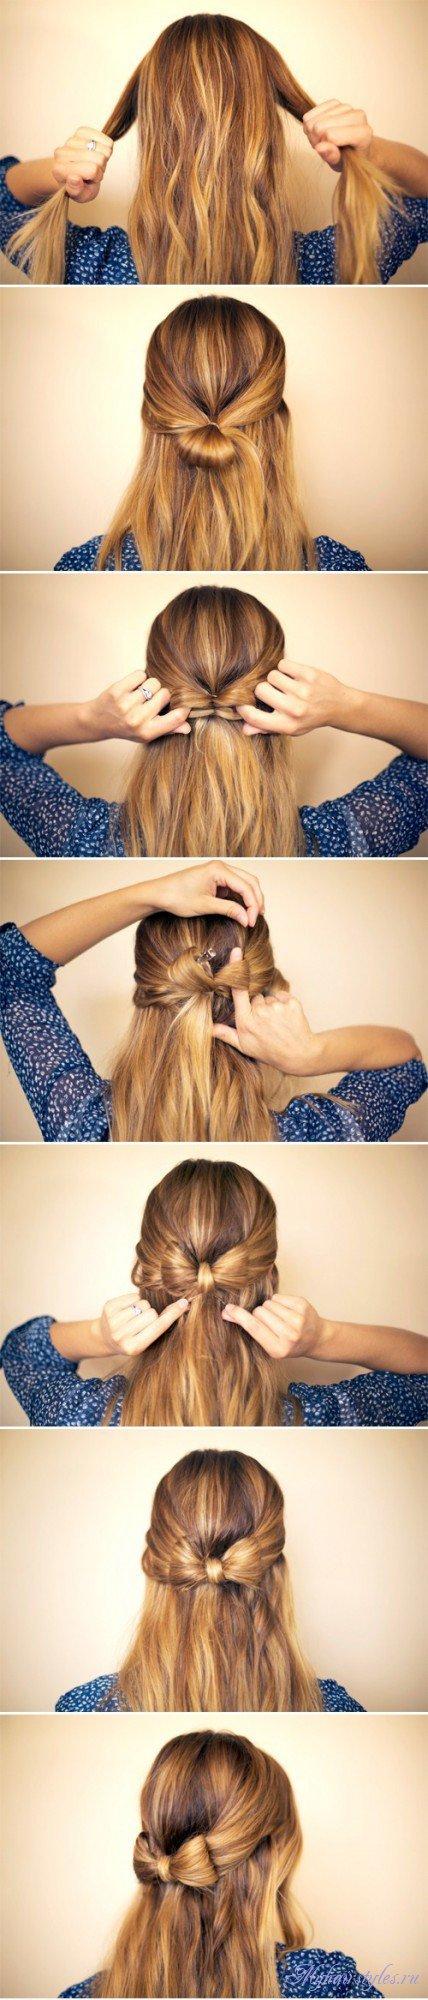 Как делать волосы красивые